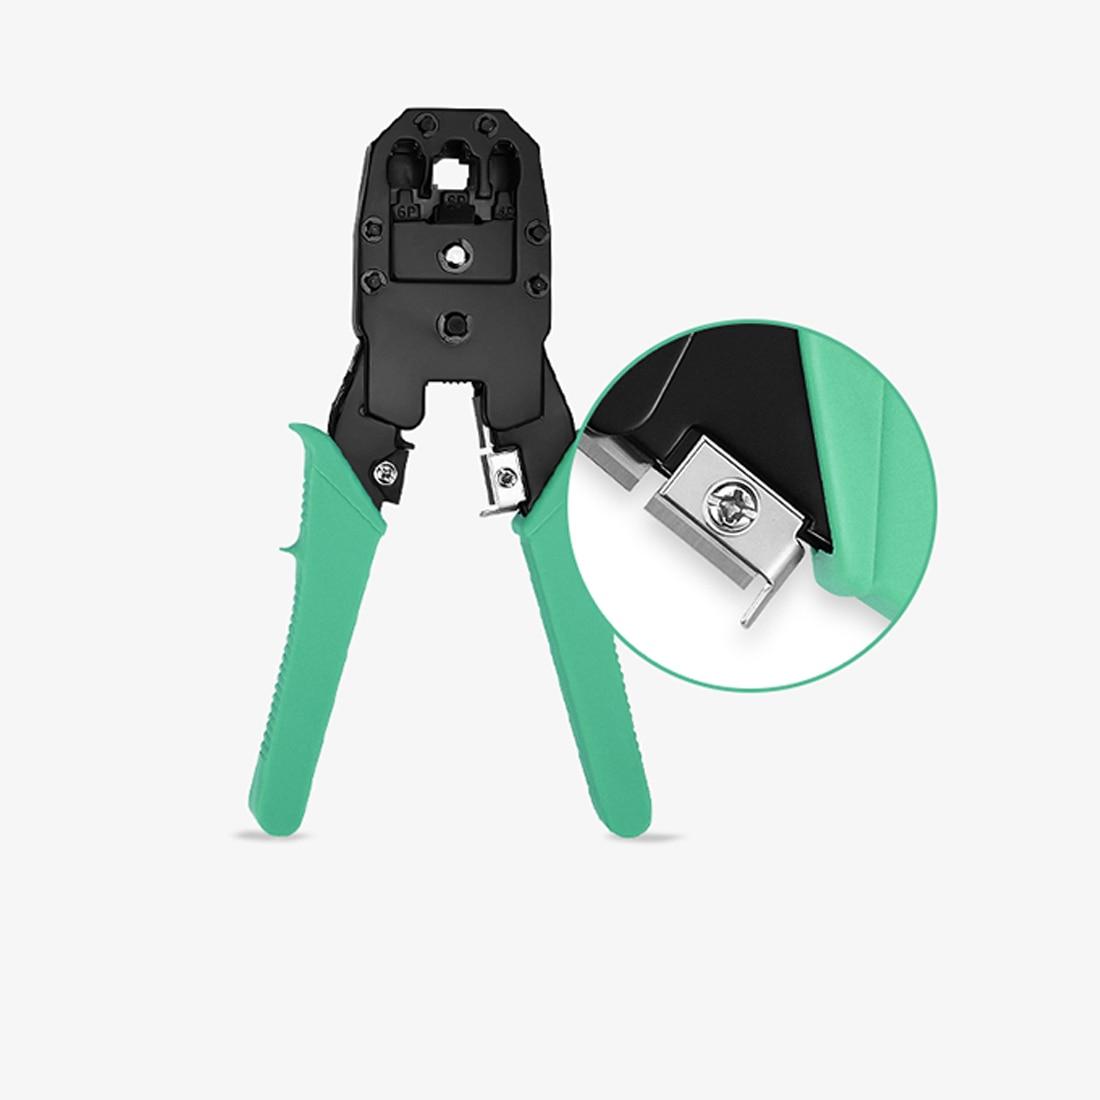 1 unids nuevas redes Multi herramienta RJ45 RJ11 alambre Cable alicate doblar PC herramientas de mano de alta